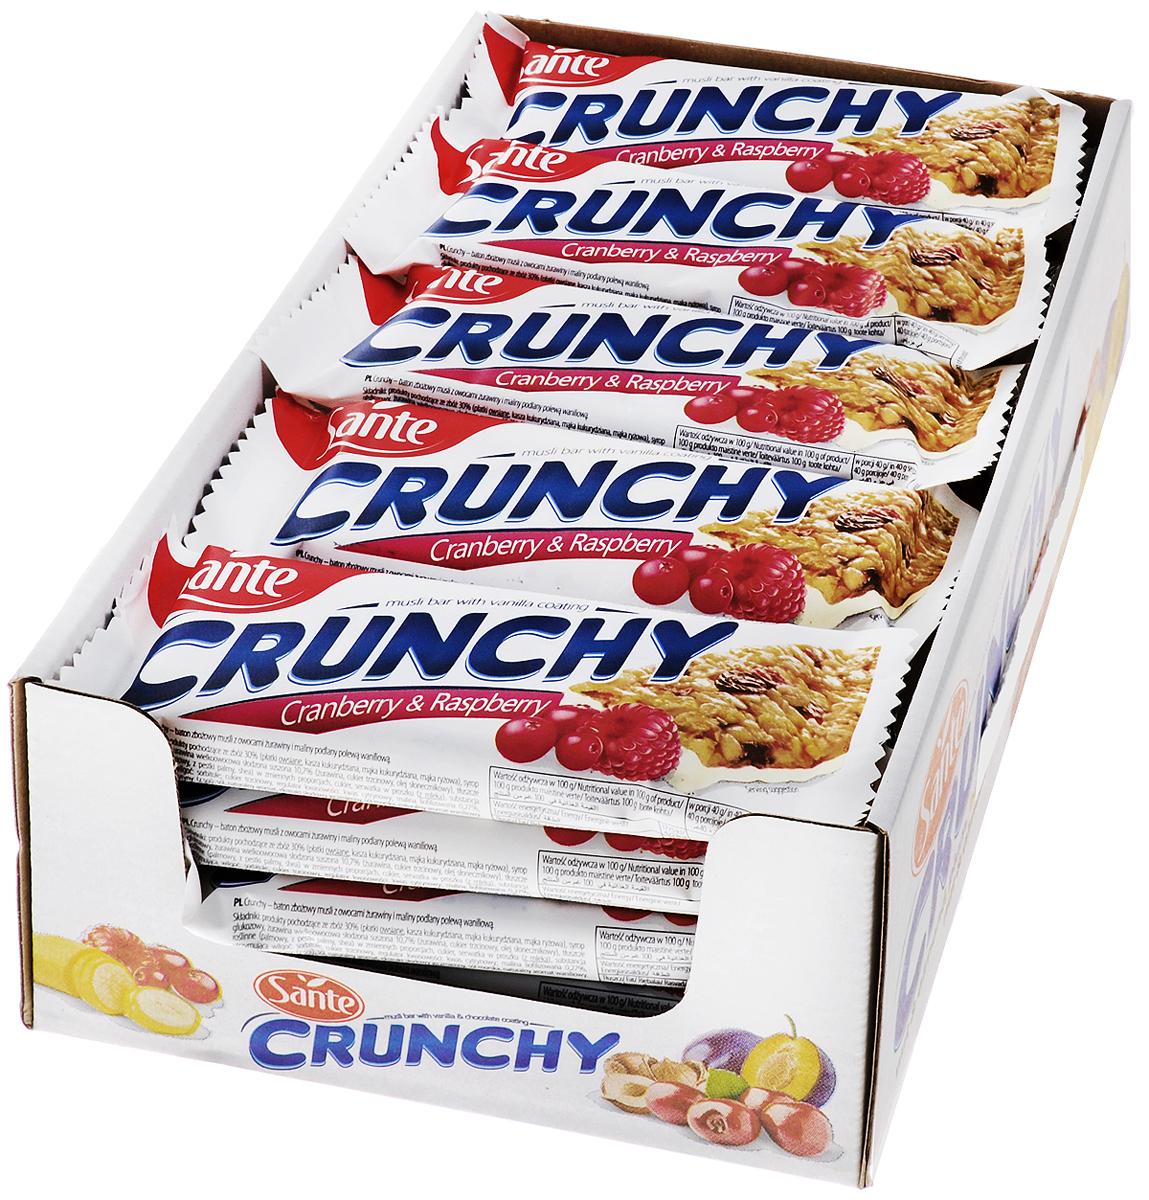 Sante Crunchy батончик мюсли с клюквой и малиной в ванильной глазури, 40 г (25 шт)